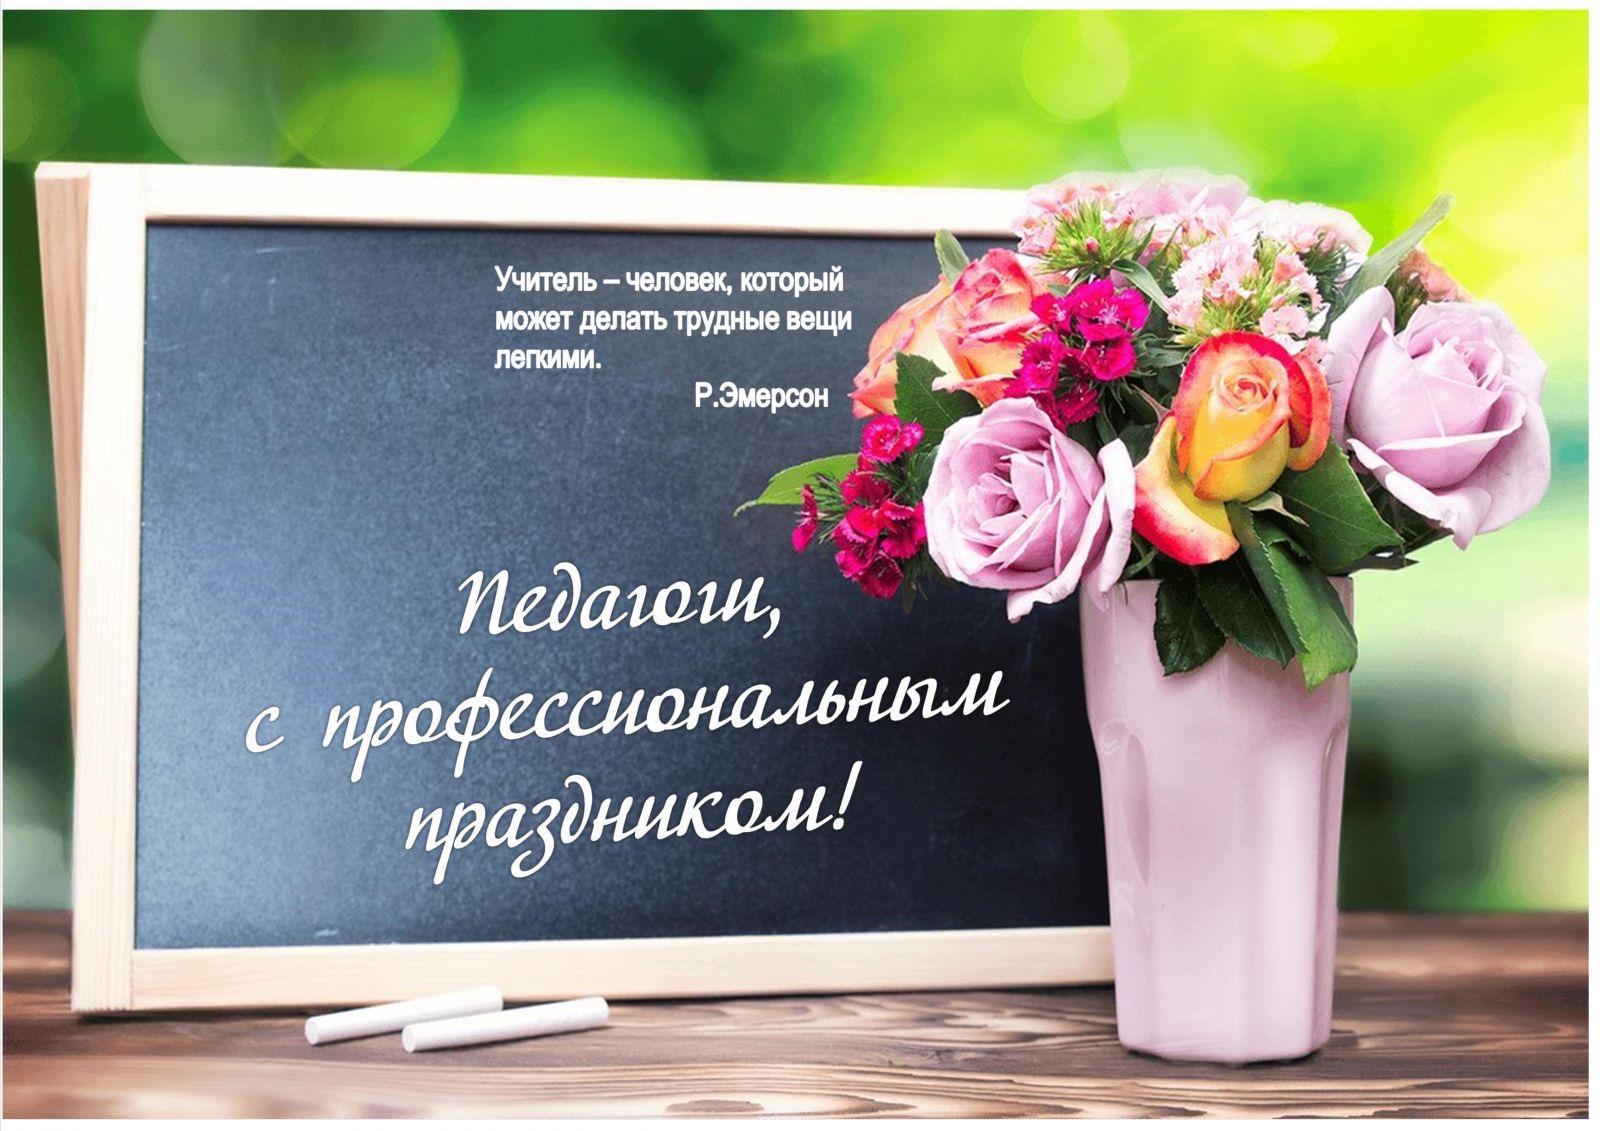 Фото Красивые открытки ко Дню учителя 5 октября – оригинальные поздравления для ватсап и вайбер 3